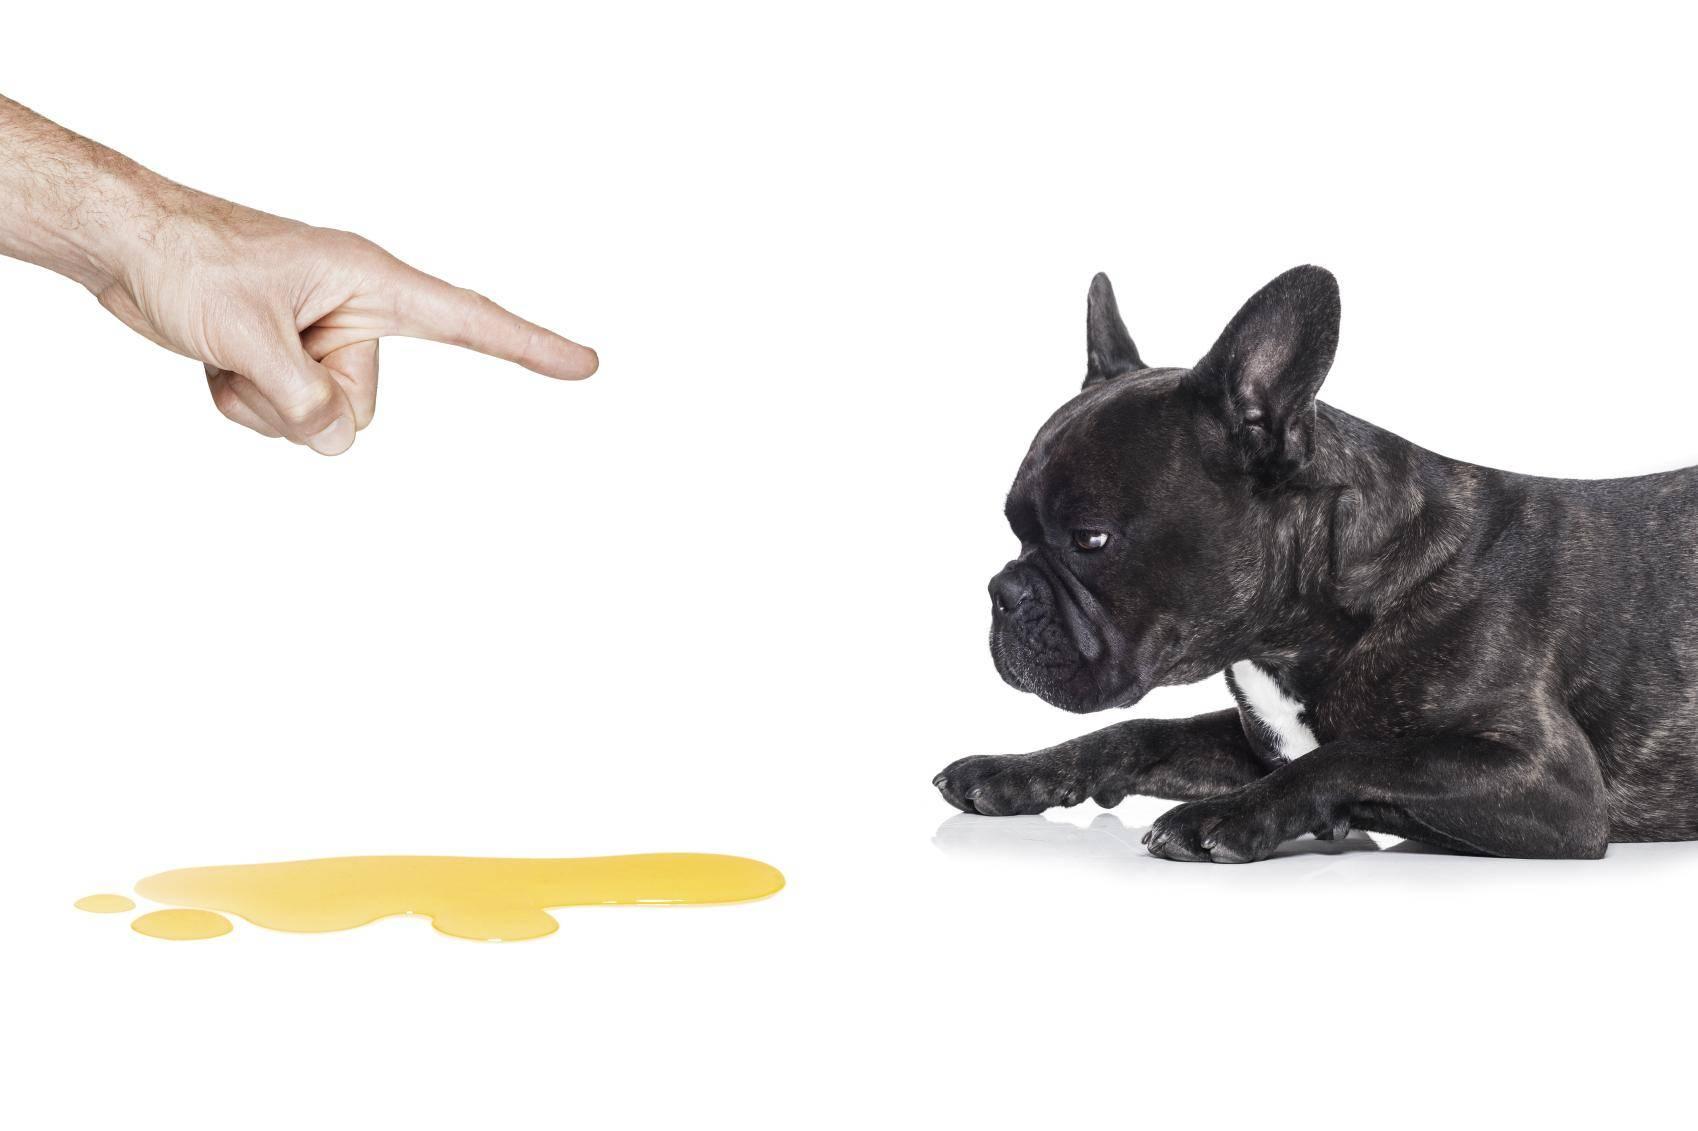 «тыкать щенка носом в его лужи — самый вредный совет»: интервью со специалистами по поведению собак - лайфхакер